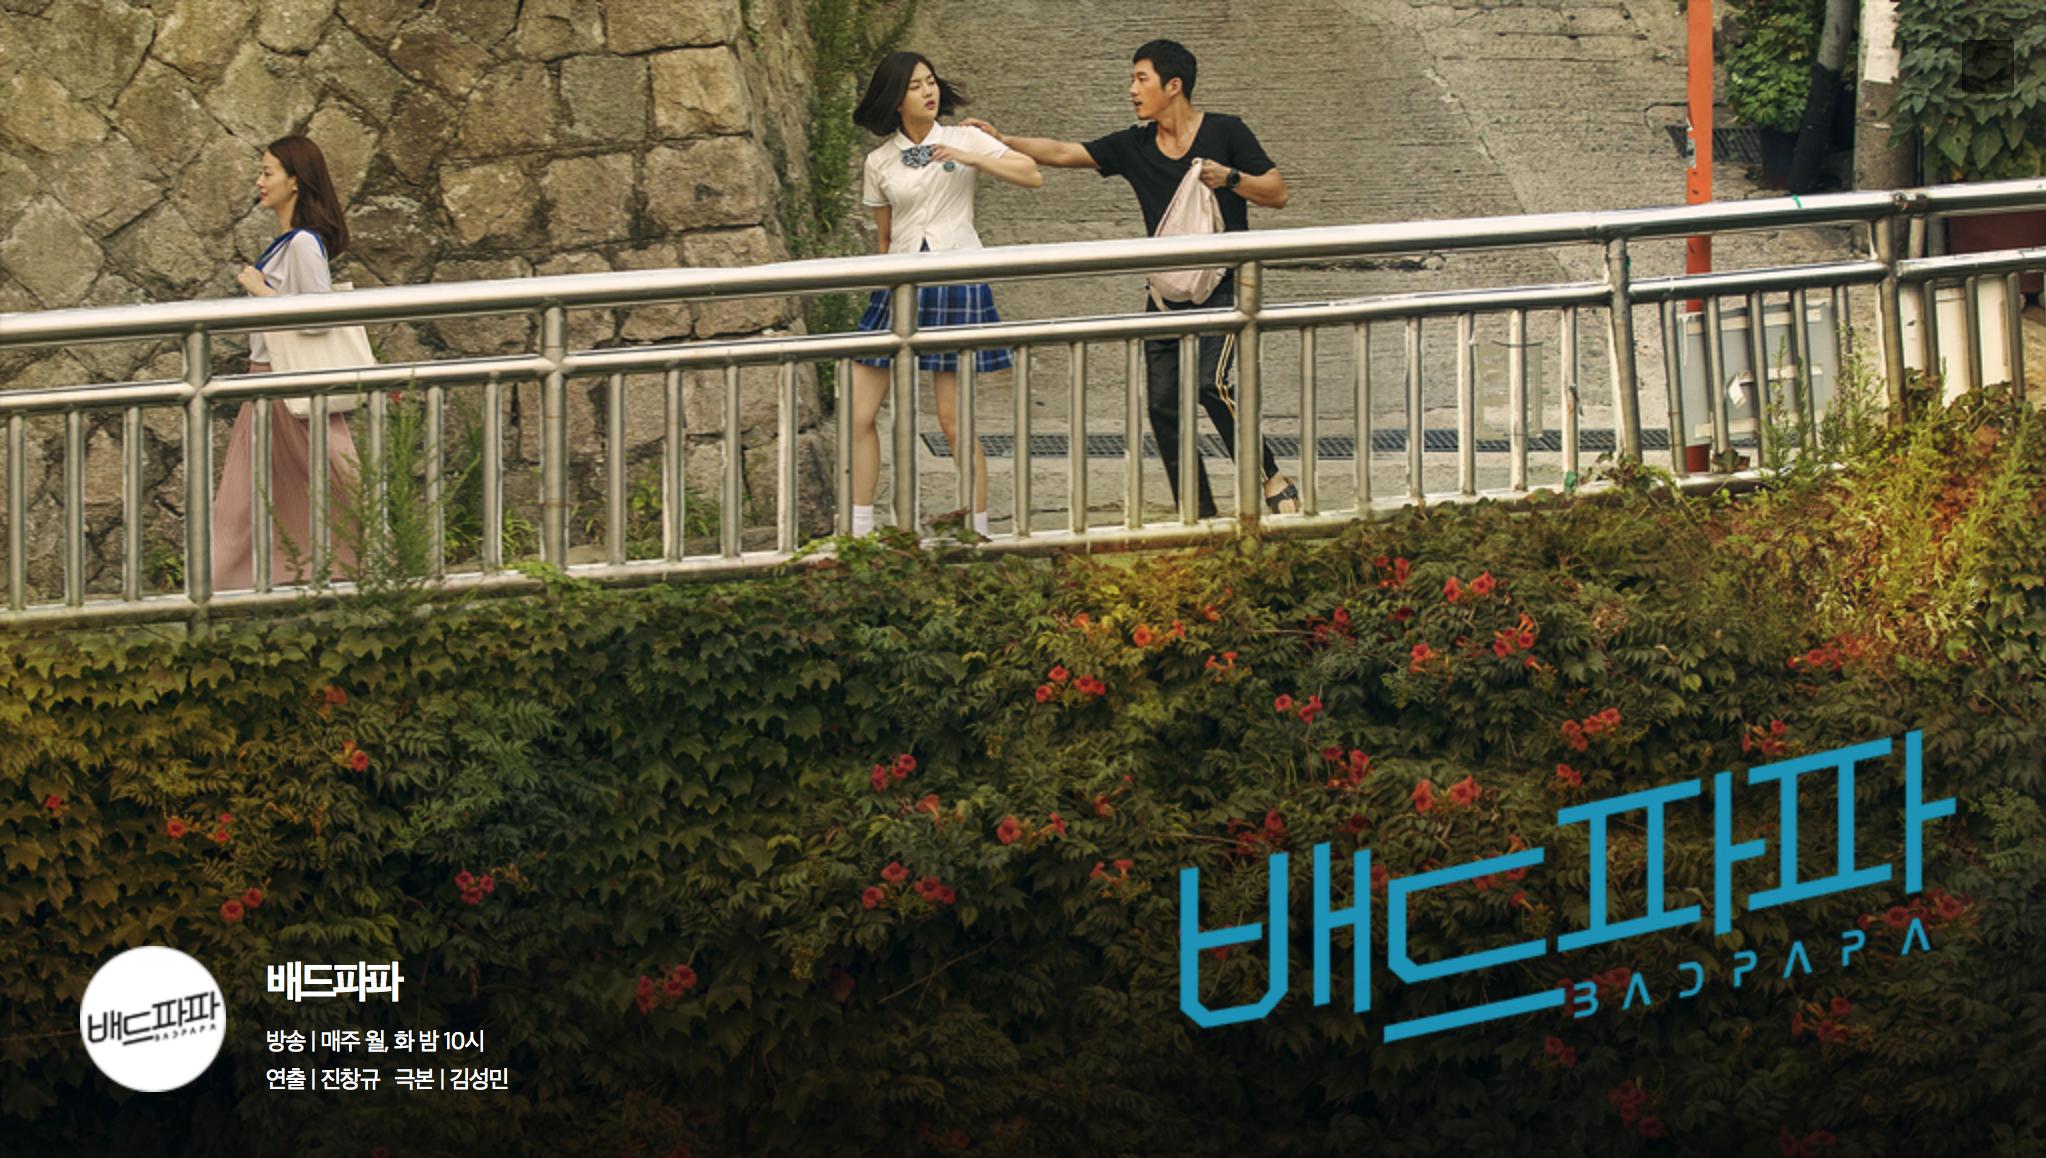 <배드파파>와 나의 선배 - MBC 월화 드라마 <배드...